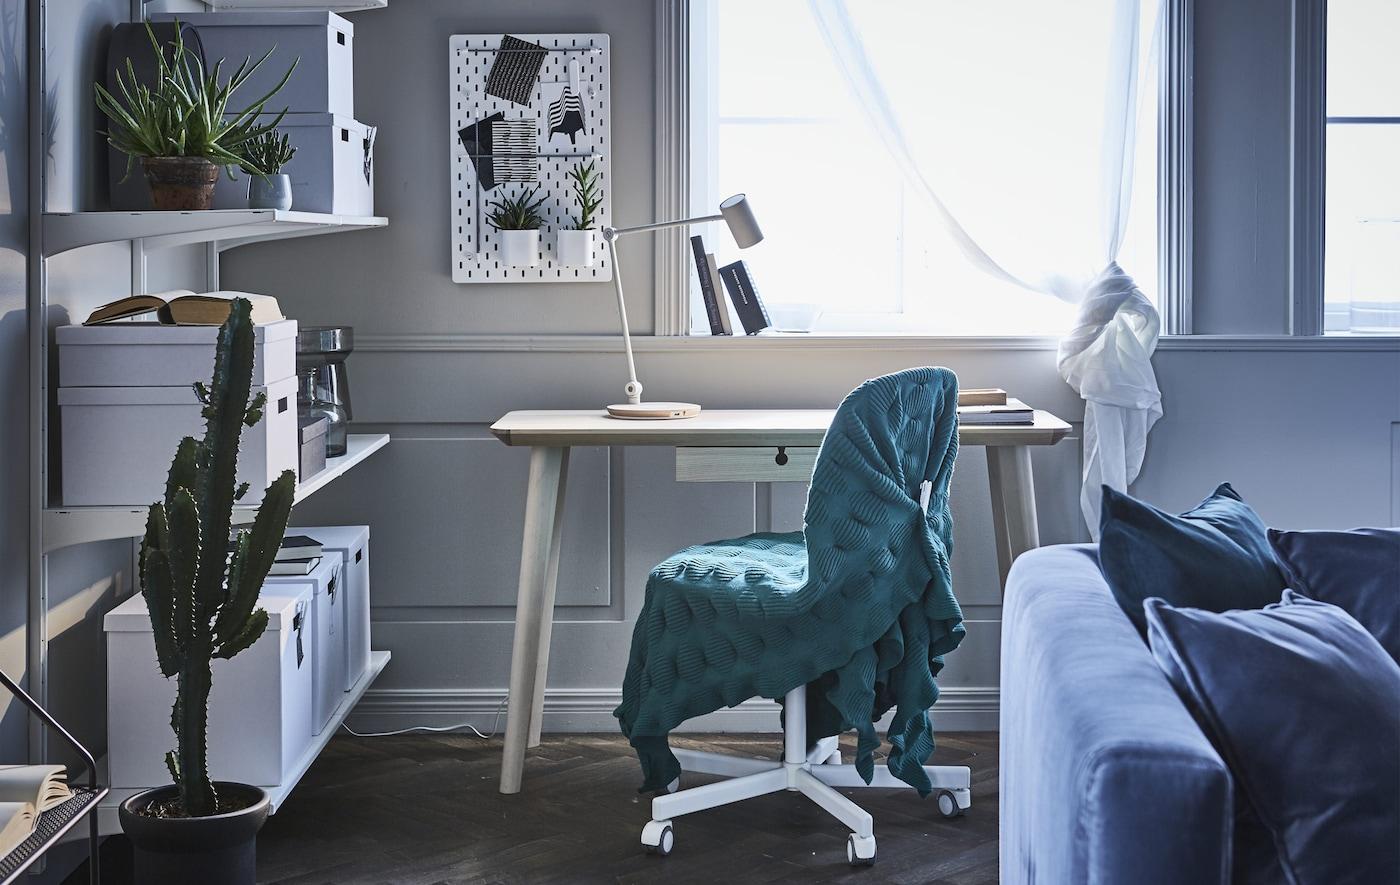 Gestalte dir ein modernes Büro daheim mit unseren modernen Büromöbeln. Und wenn der Stuhl nicht zum Rest der Einrichtung passt, hülle ihn einfach in einen farblich passenden Stoff! Bei IKEA findest du eine breite Auswahl von Bürostühlen wie z. B. ÖRFJÄLL/SPORREN Drehstuhl.